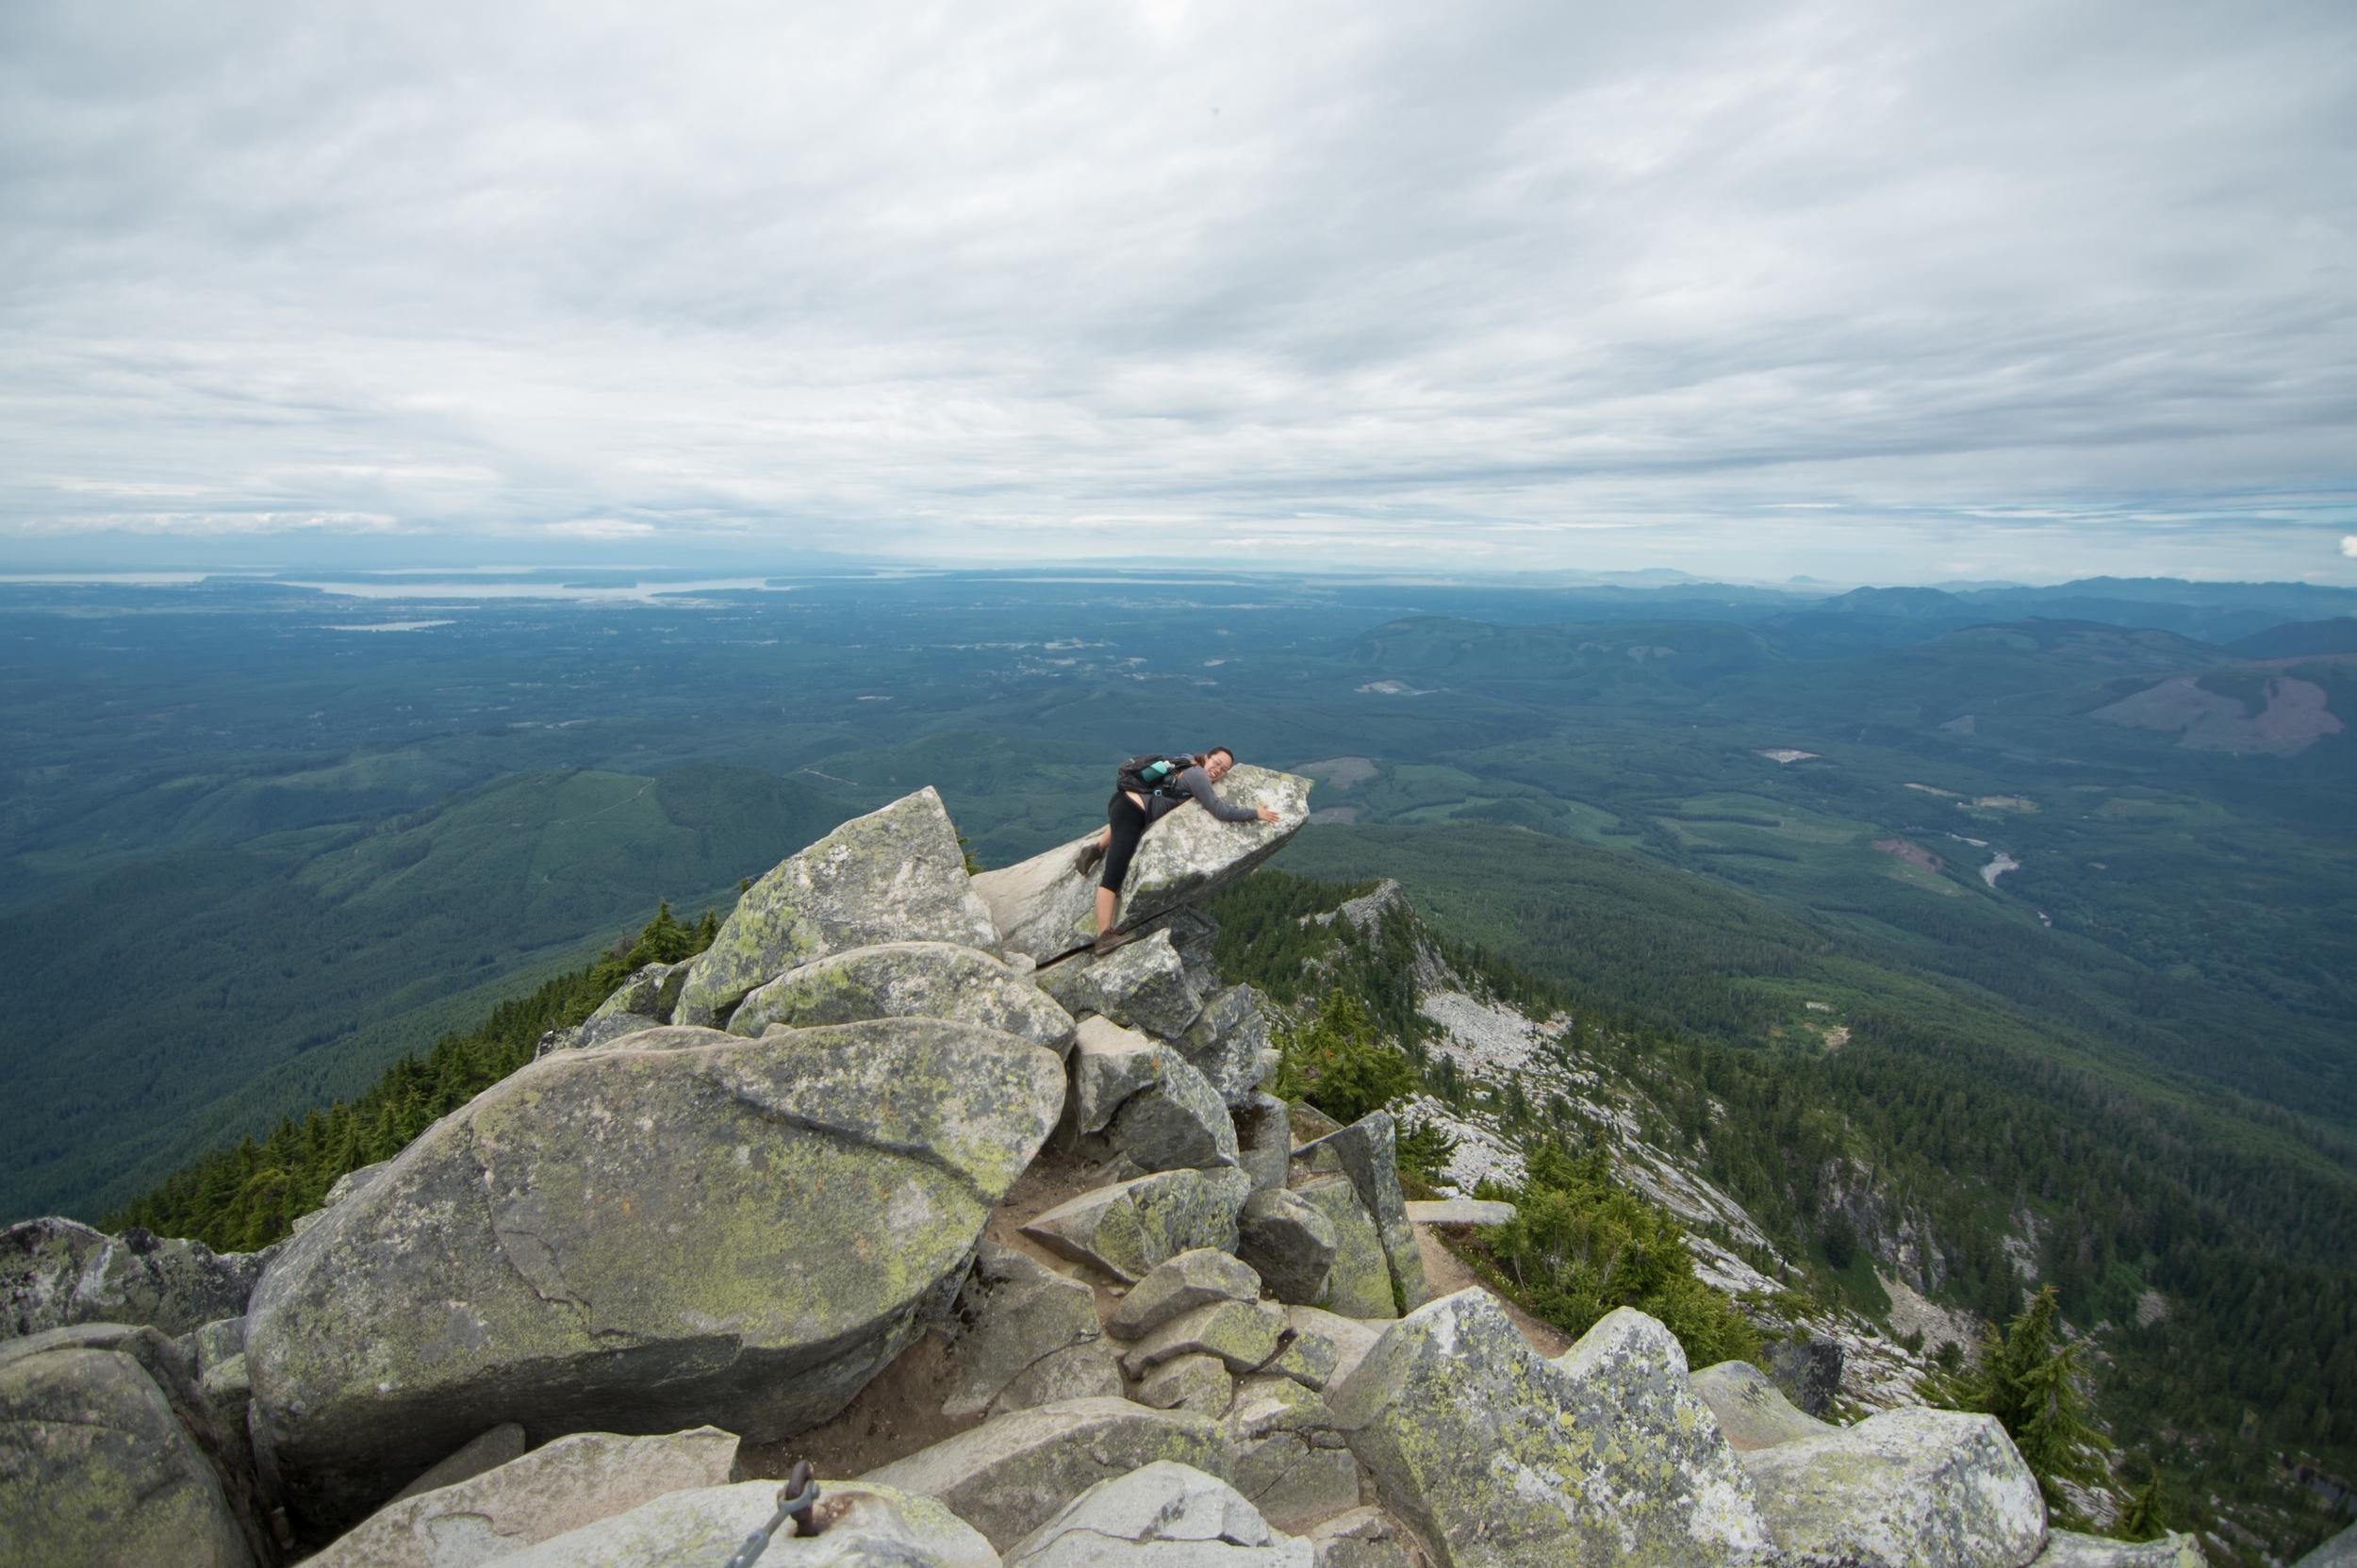 Mount_Pilchuck-39.jpg